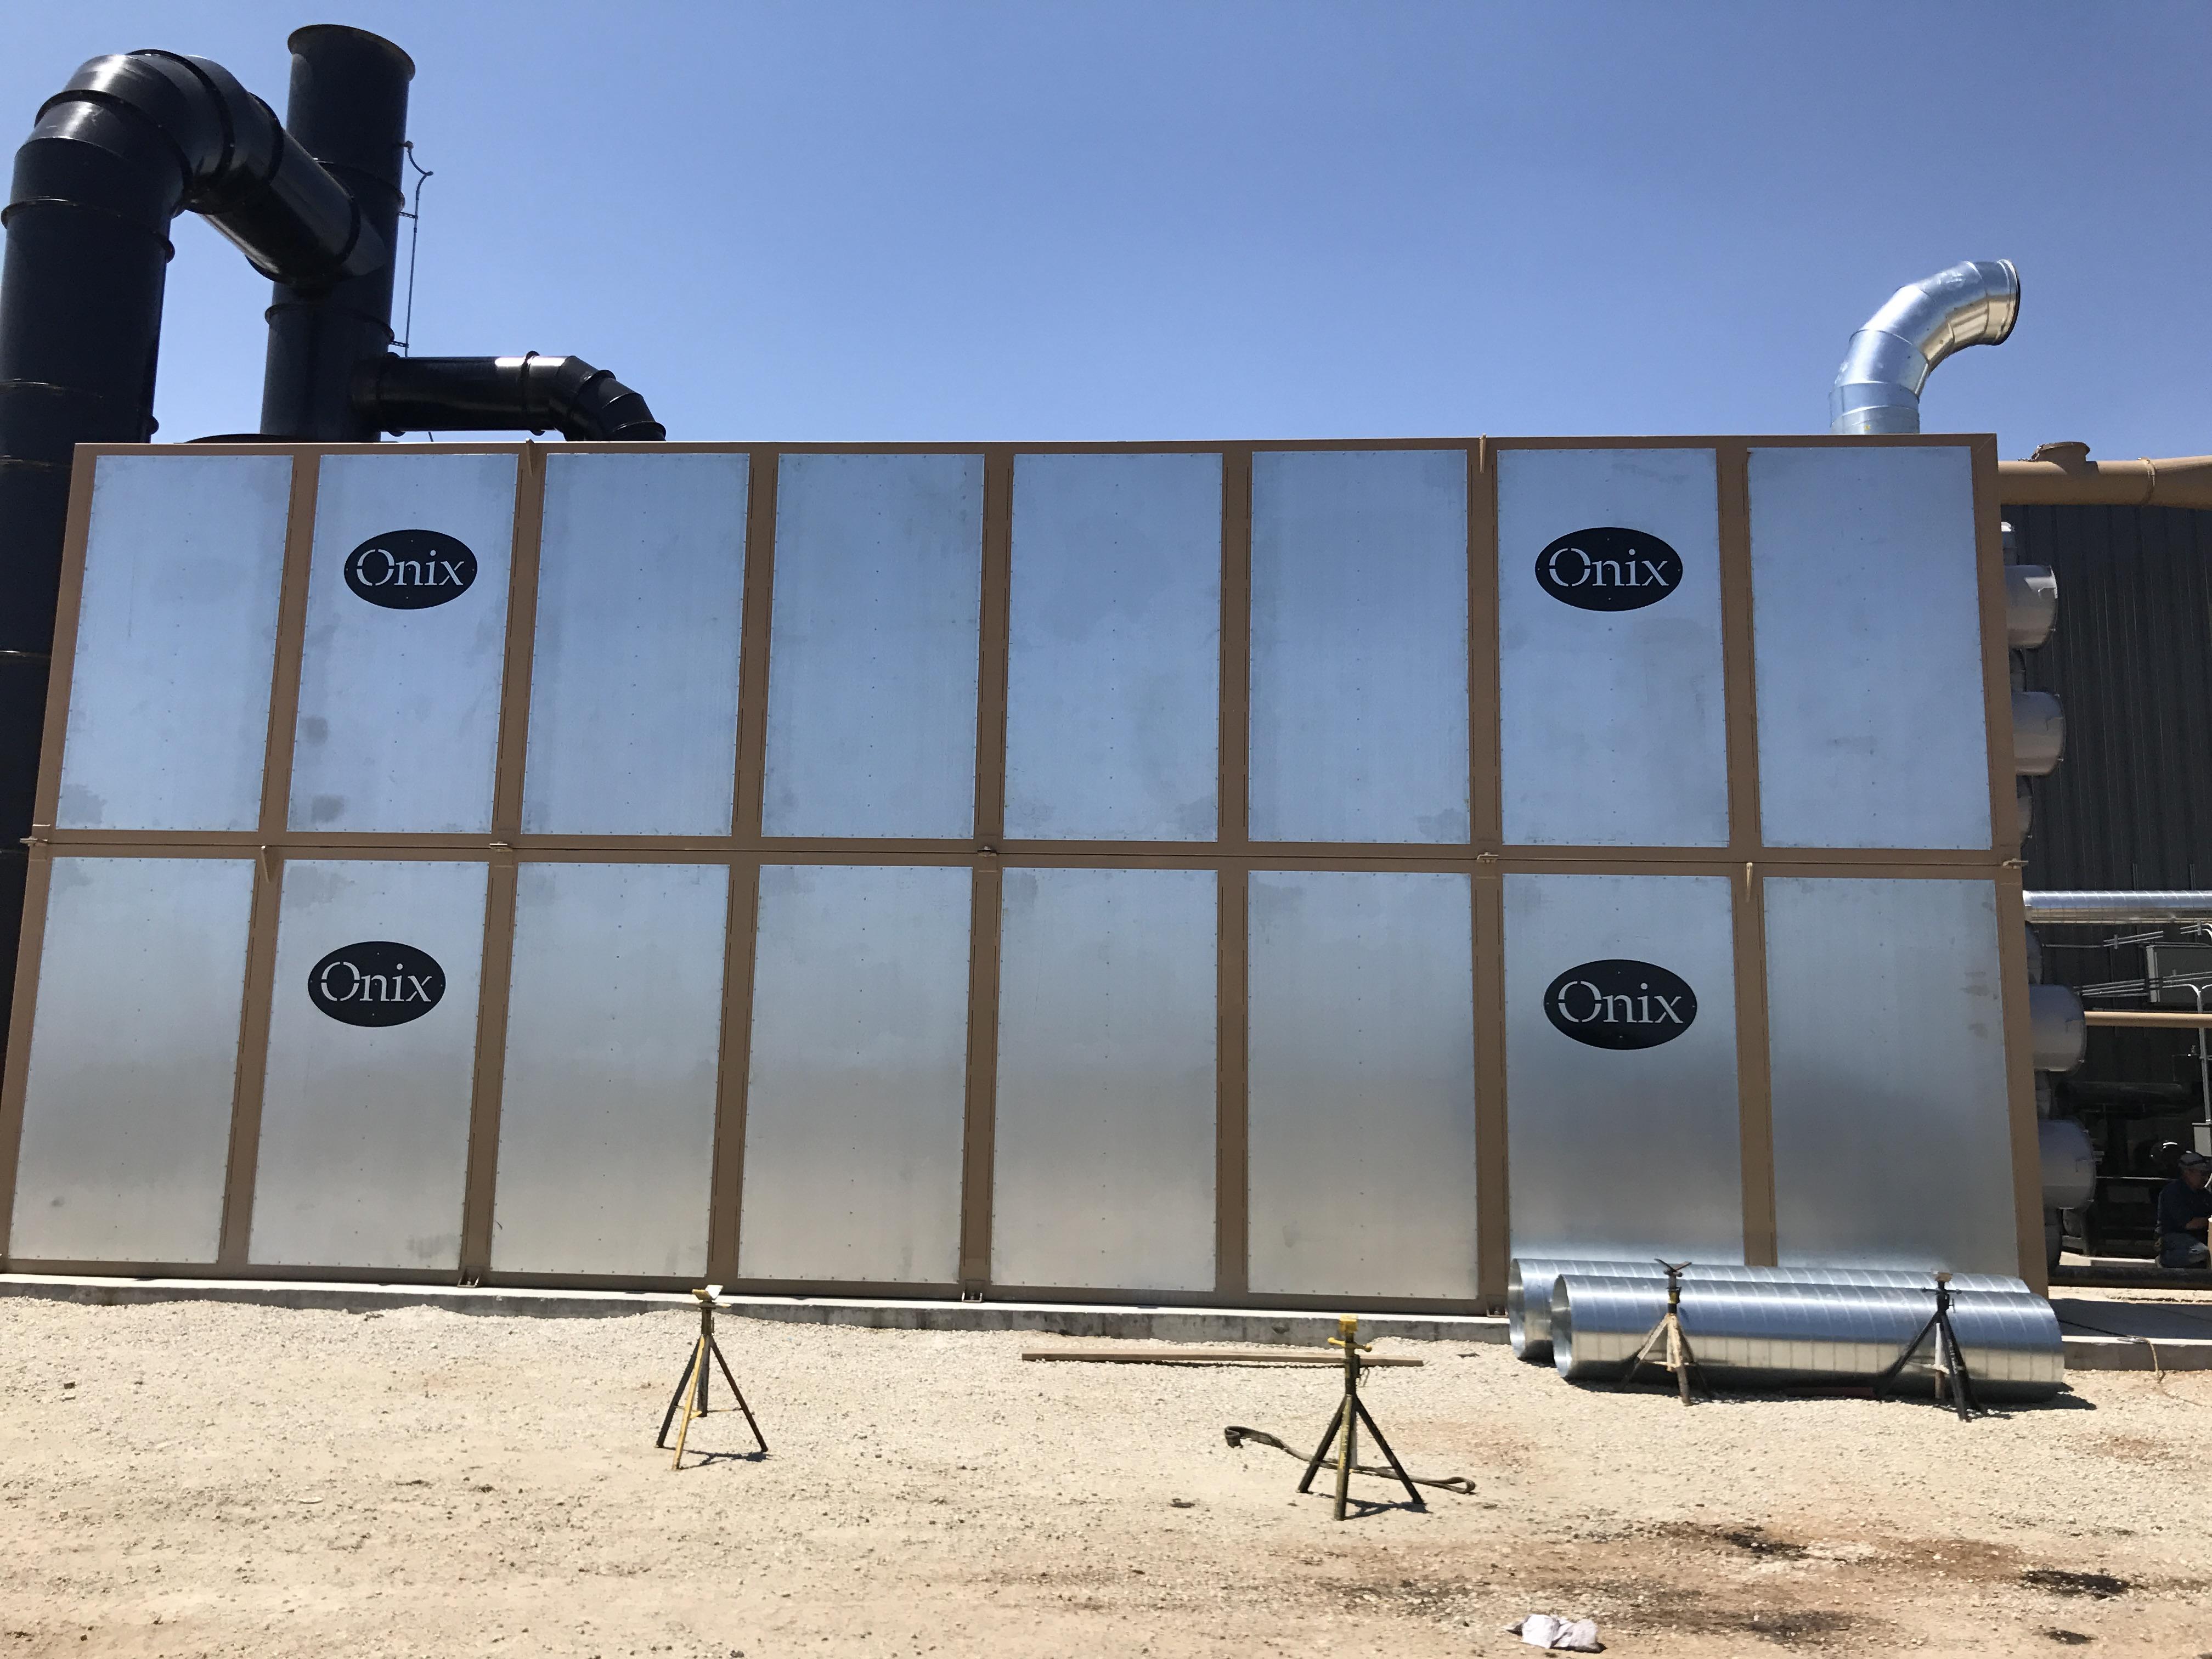 heat exchanger alternative fuel onix